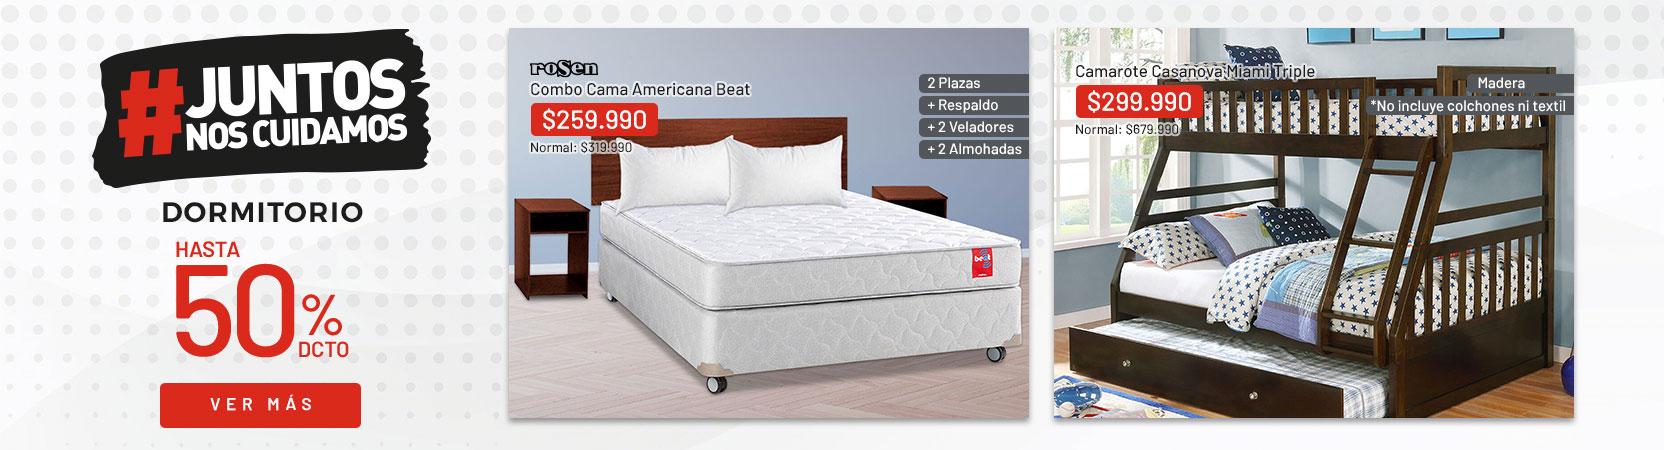 Dormitorio Hasta 50% dcto